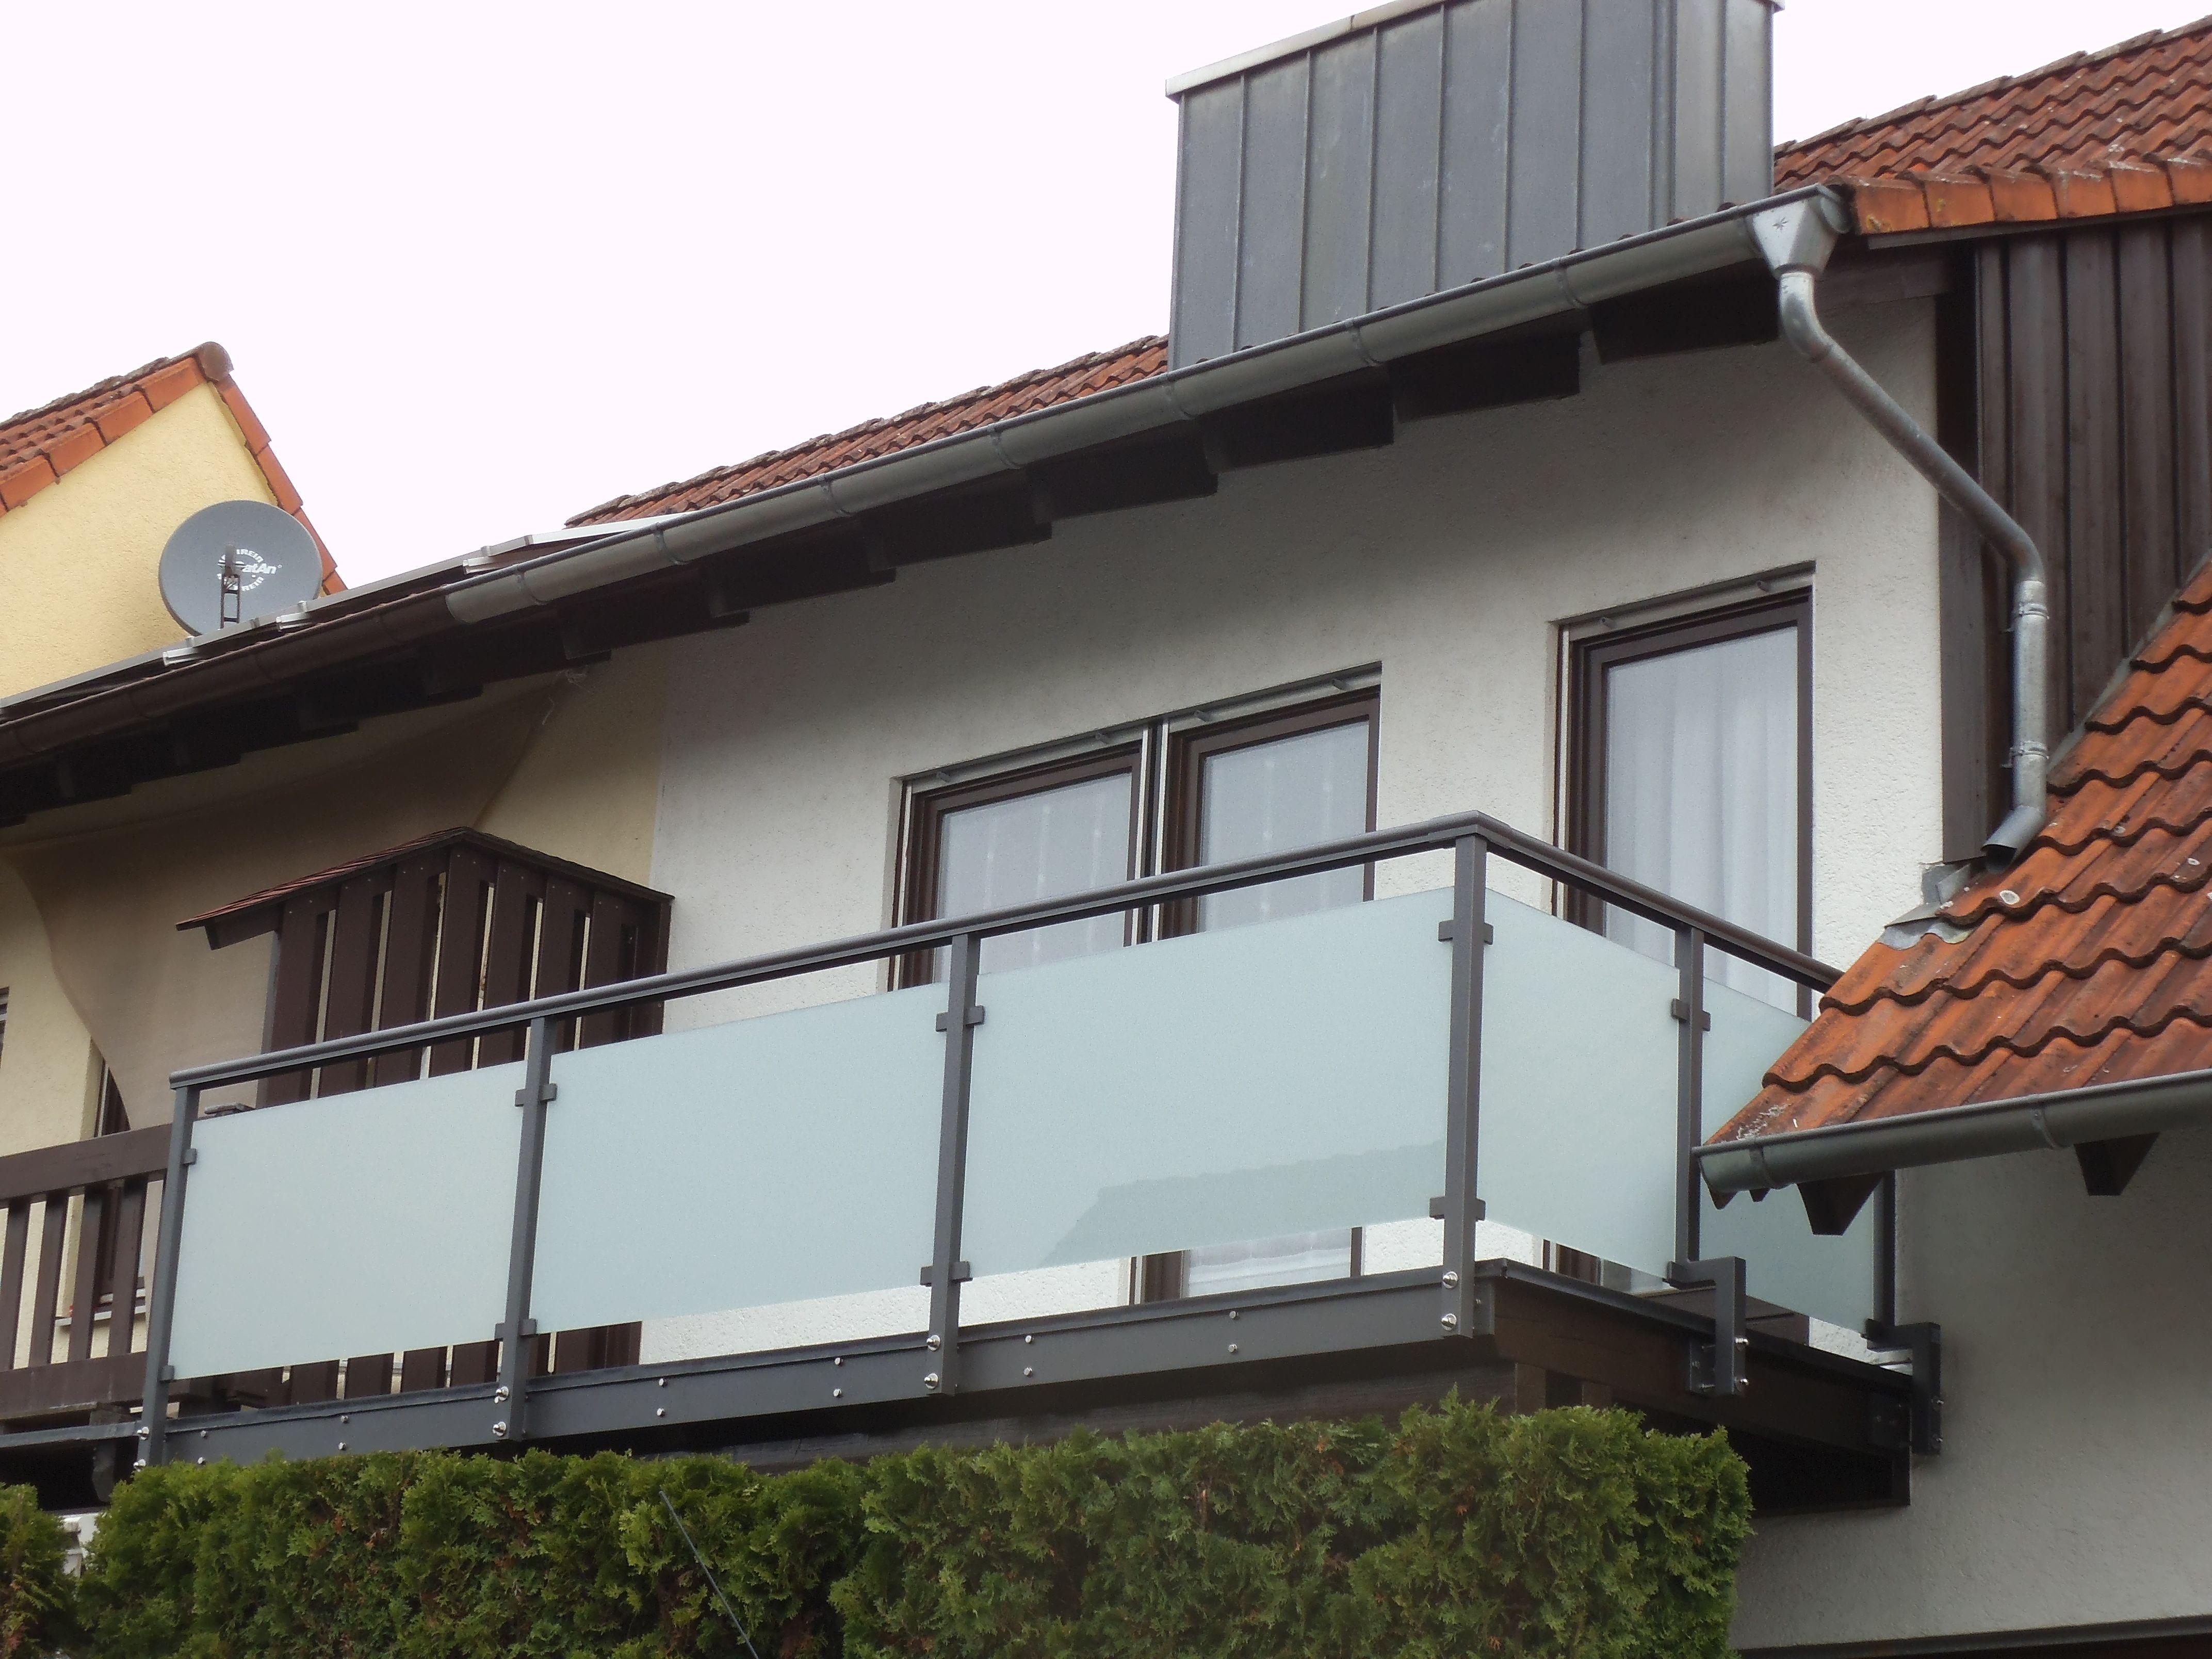 Balkongeländer aus Aluminium und Glas Balkongeländer